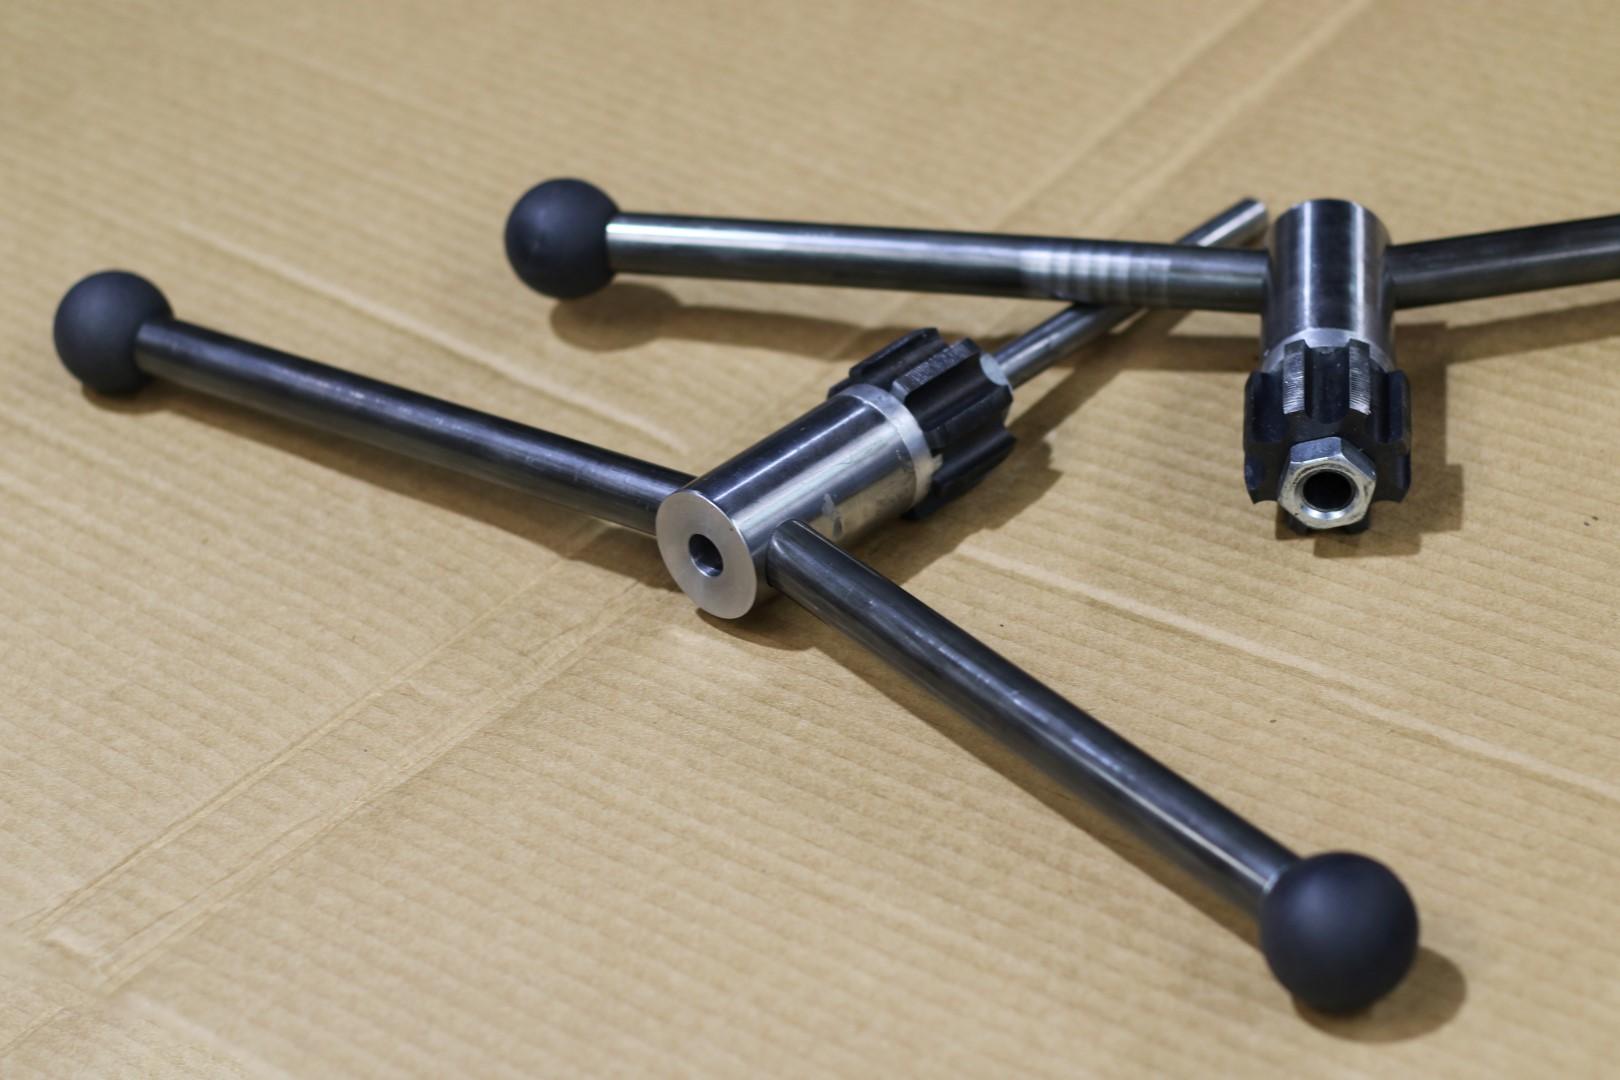 TCF-gallery-blog-tool-T47-tap-handles (2).JPG